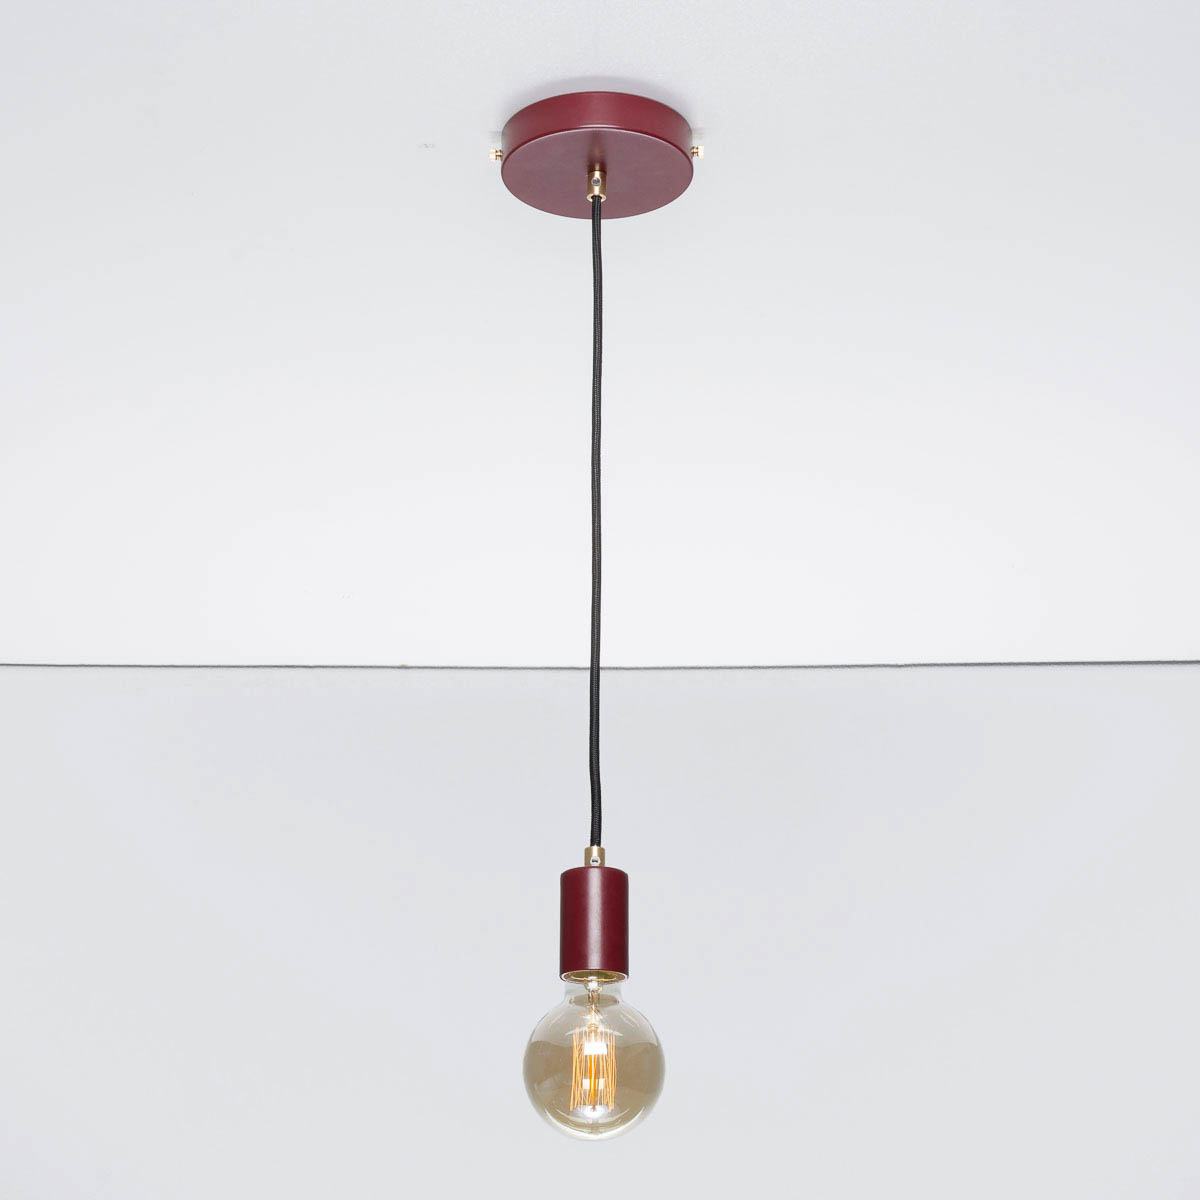 Потолочный светильник Bjorn бордовый